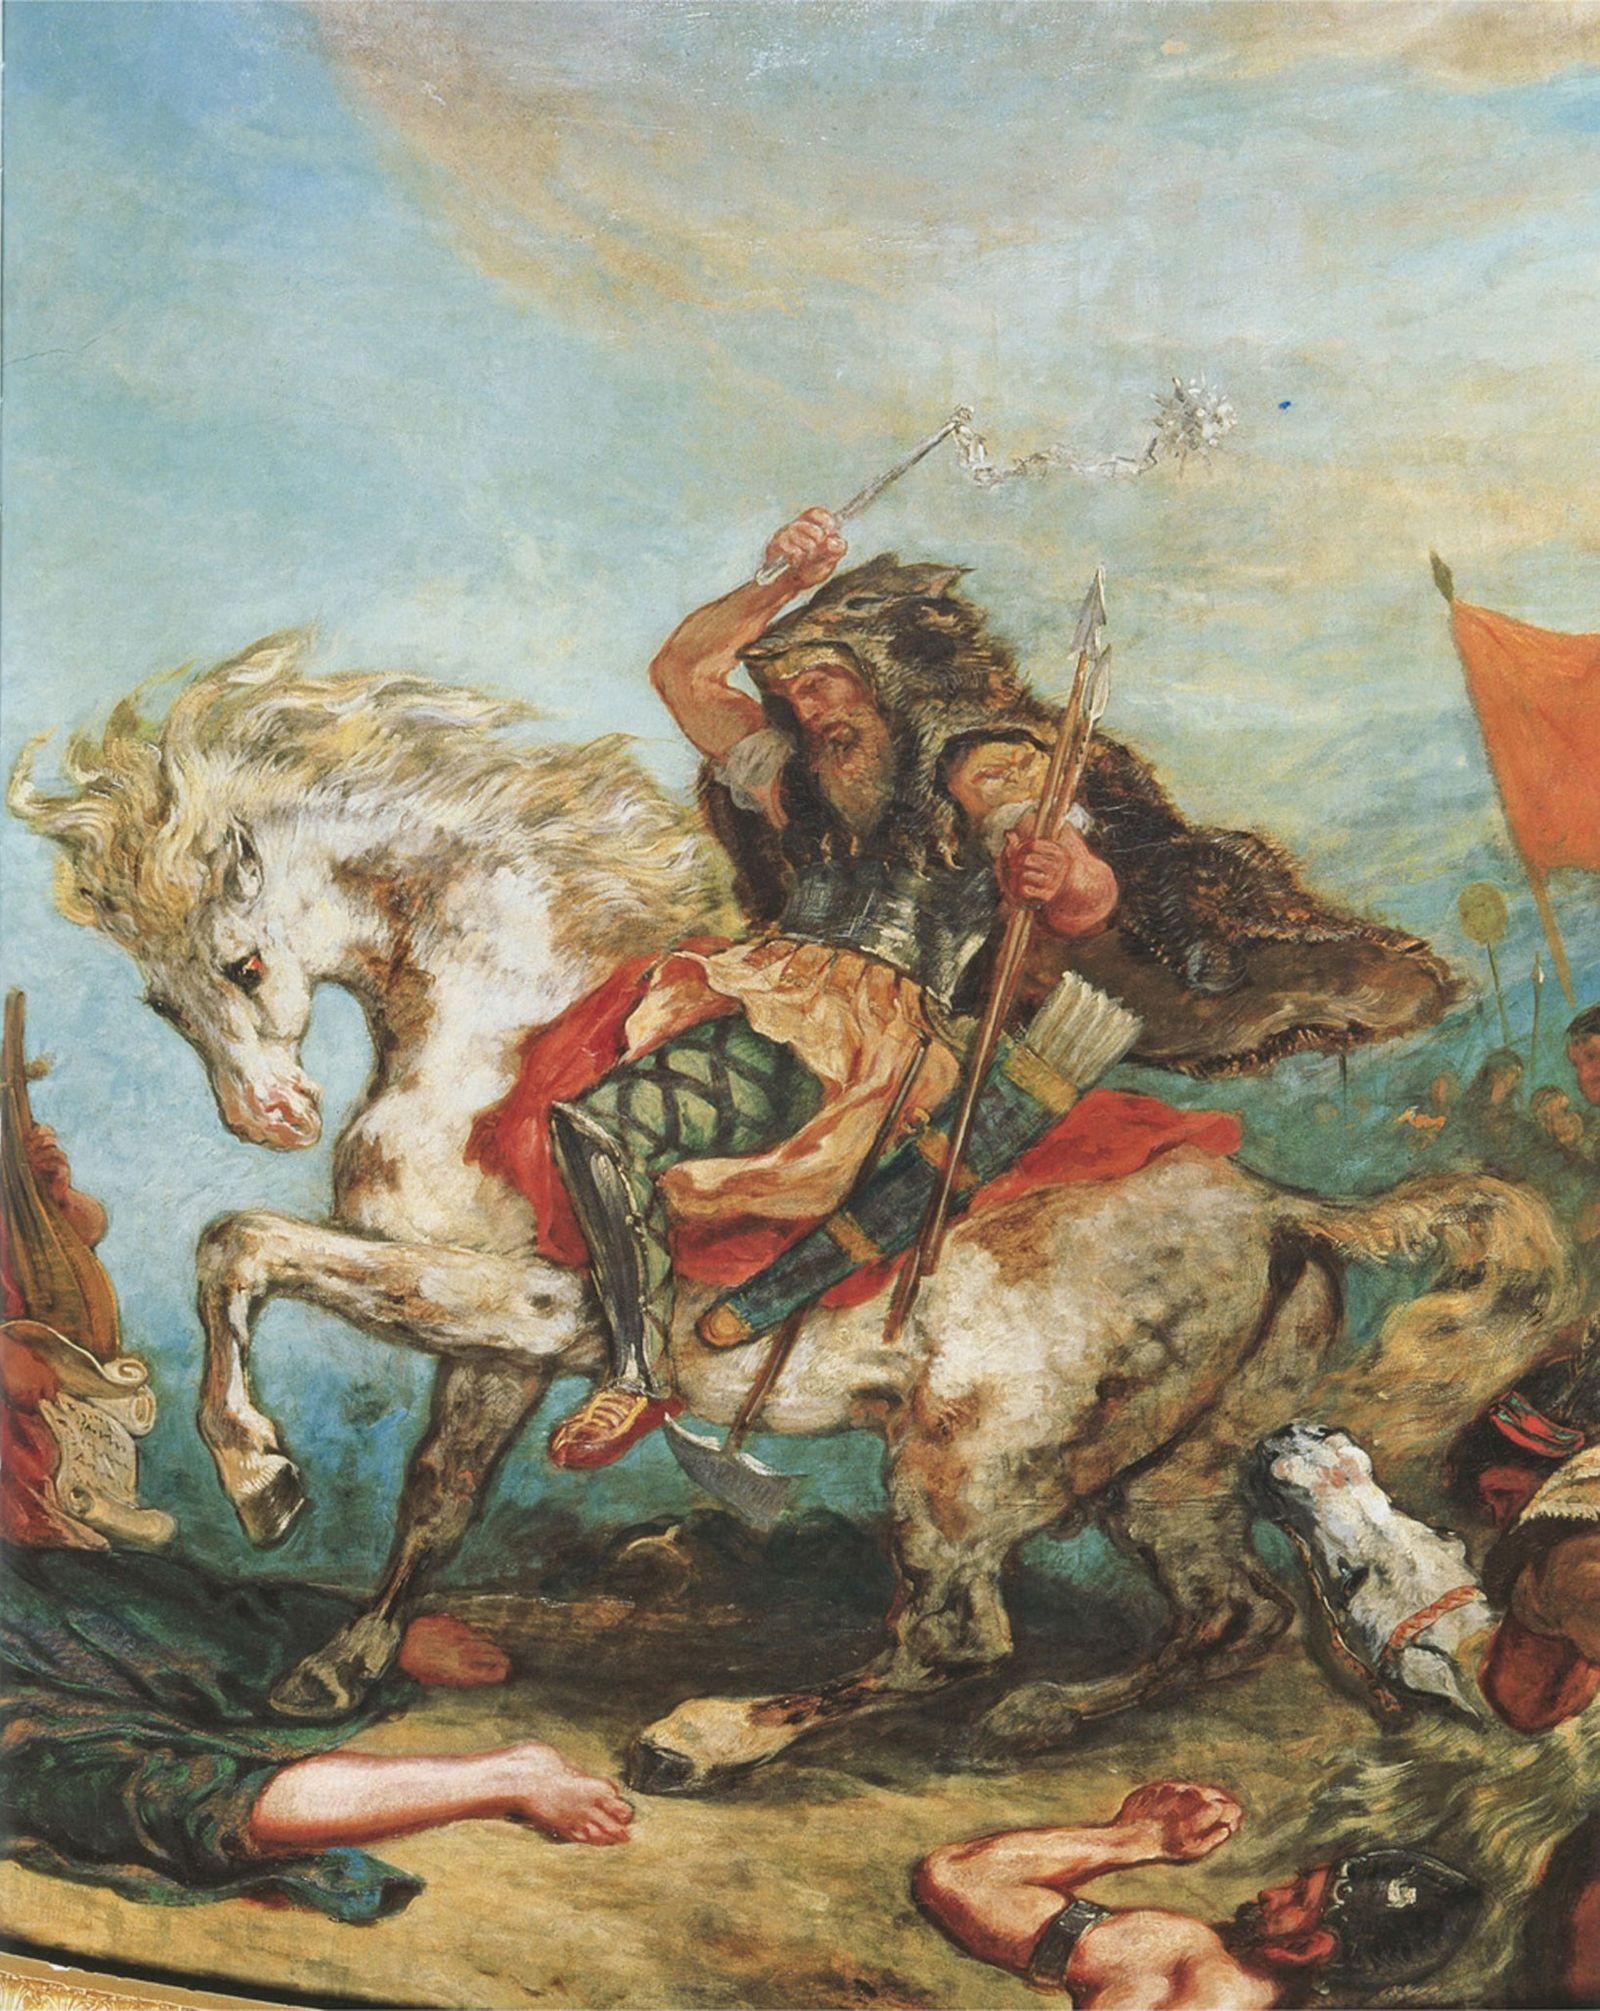 Pilleurs et sanguinaires : qui étaient vraiment les Huns ?